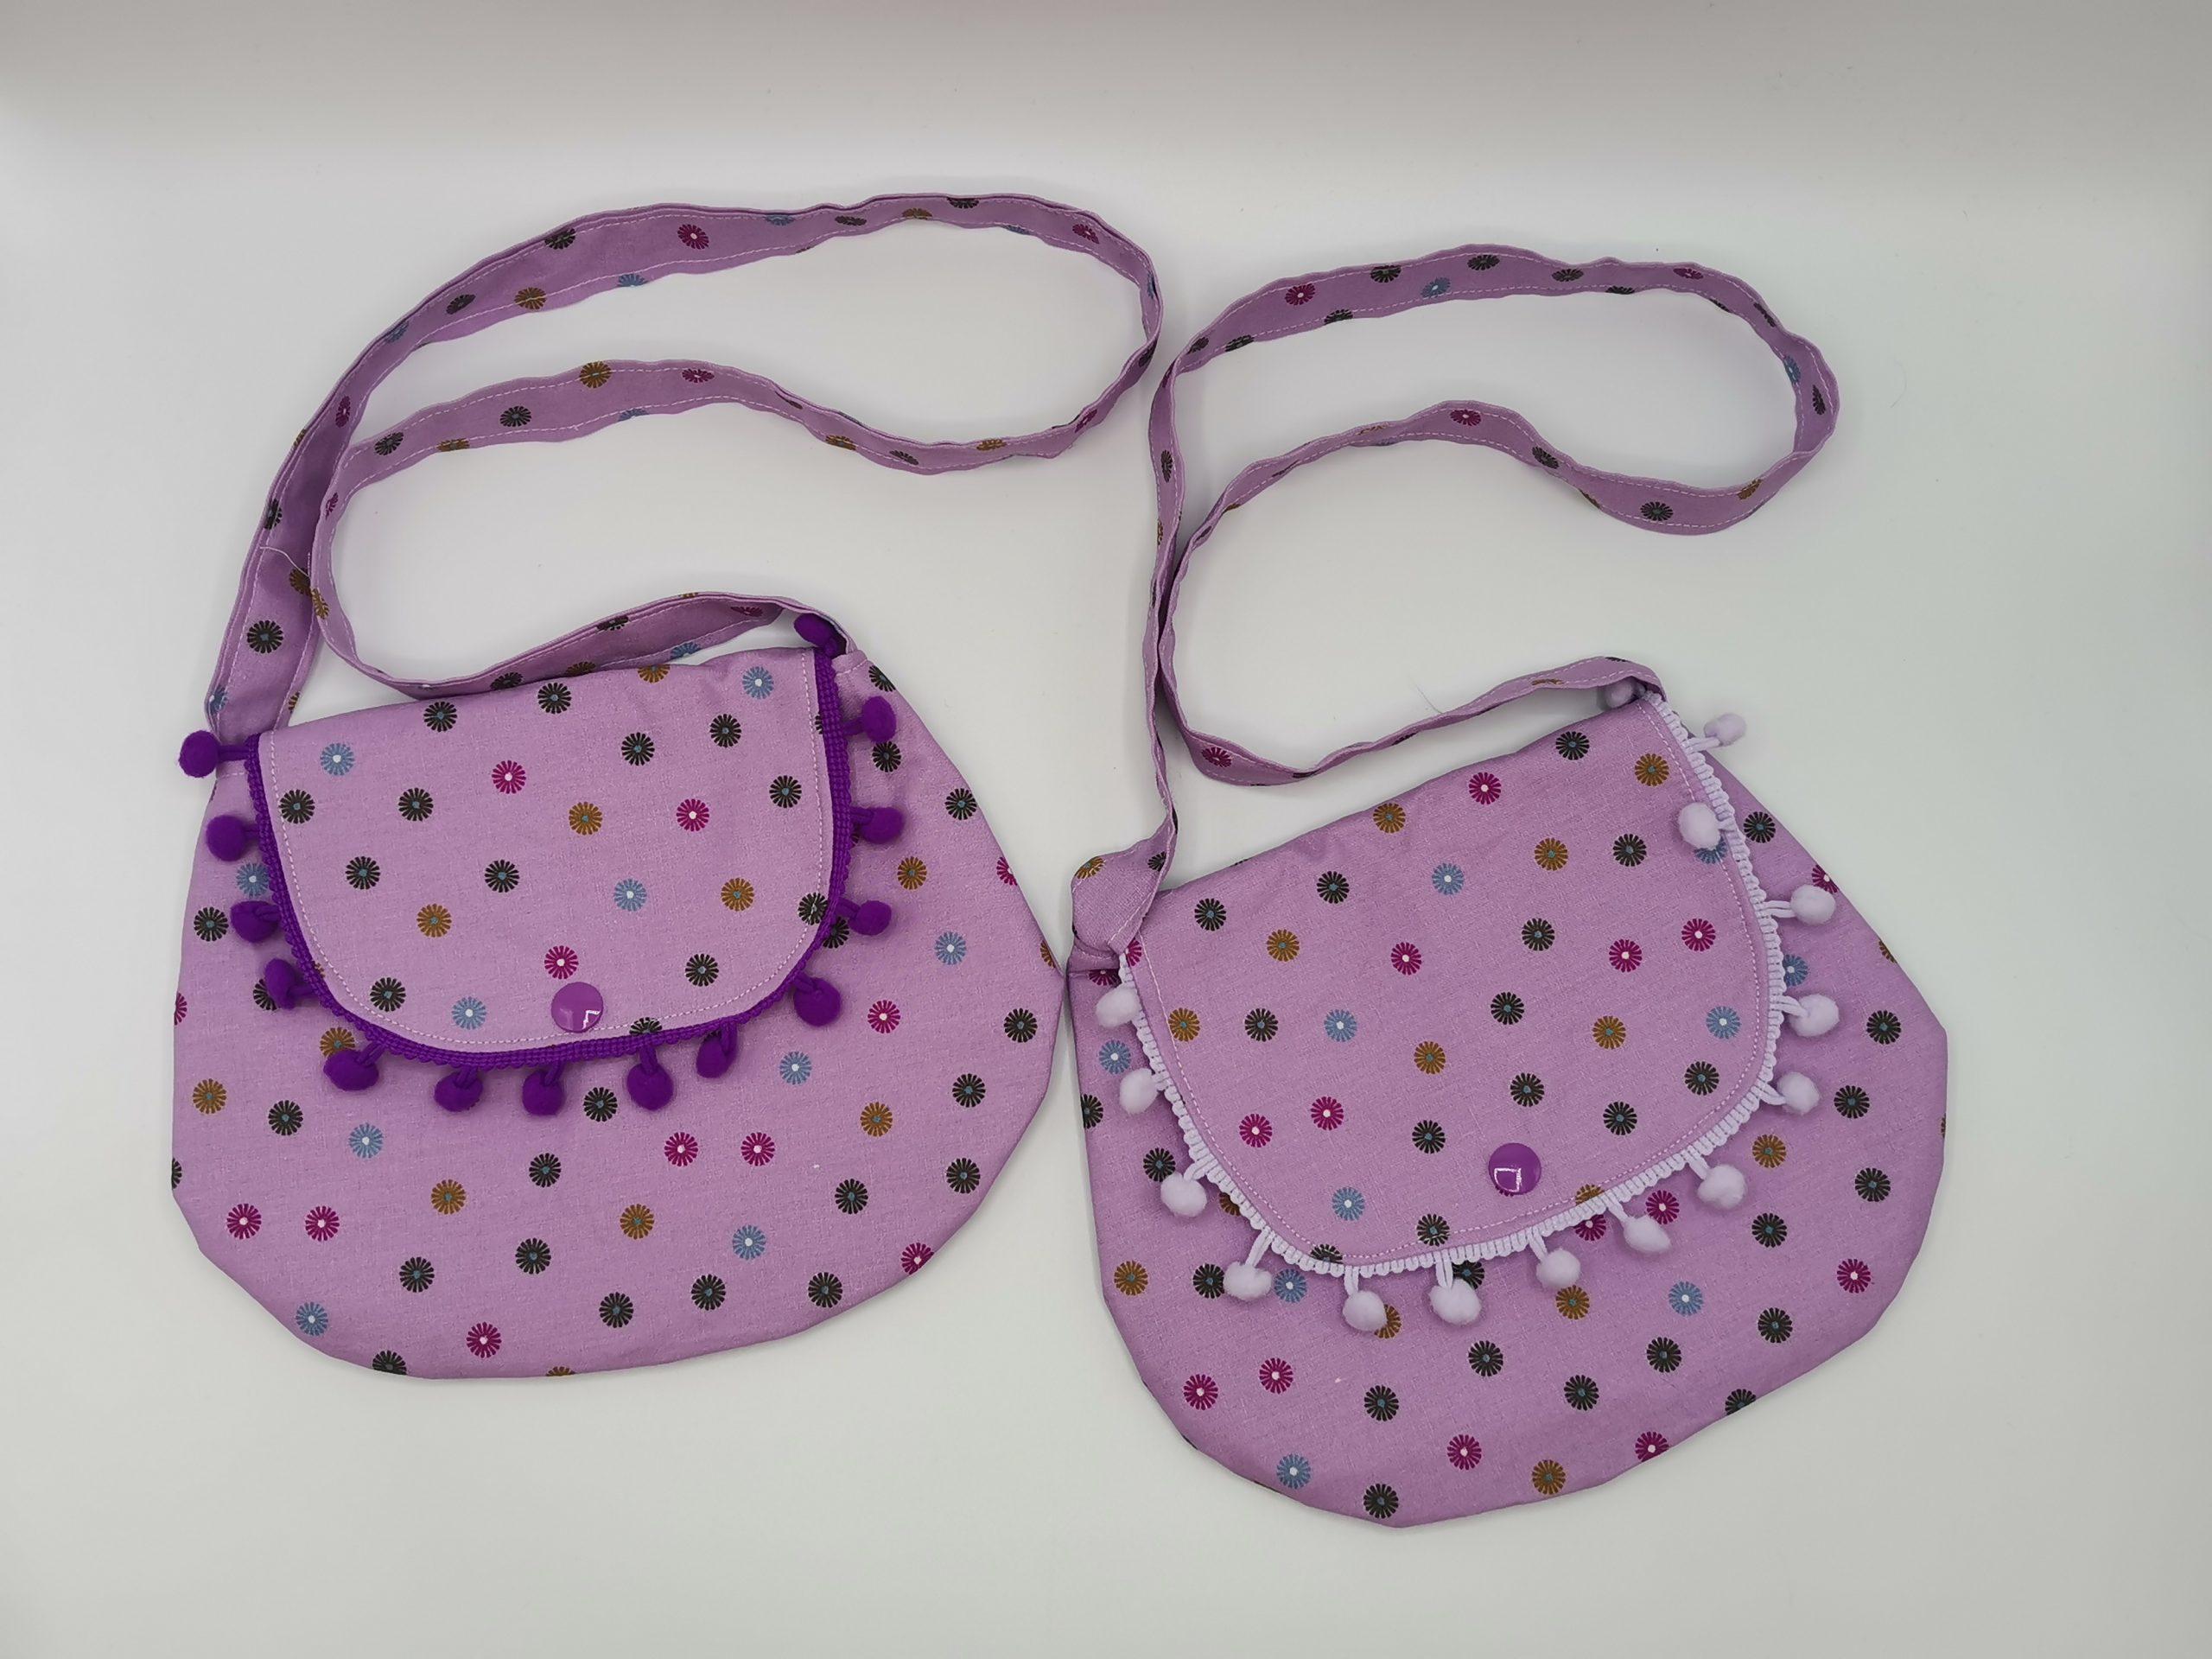 Sac bandoulière violet